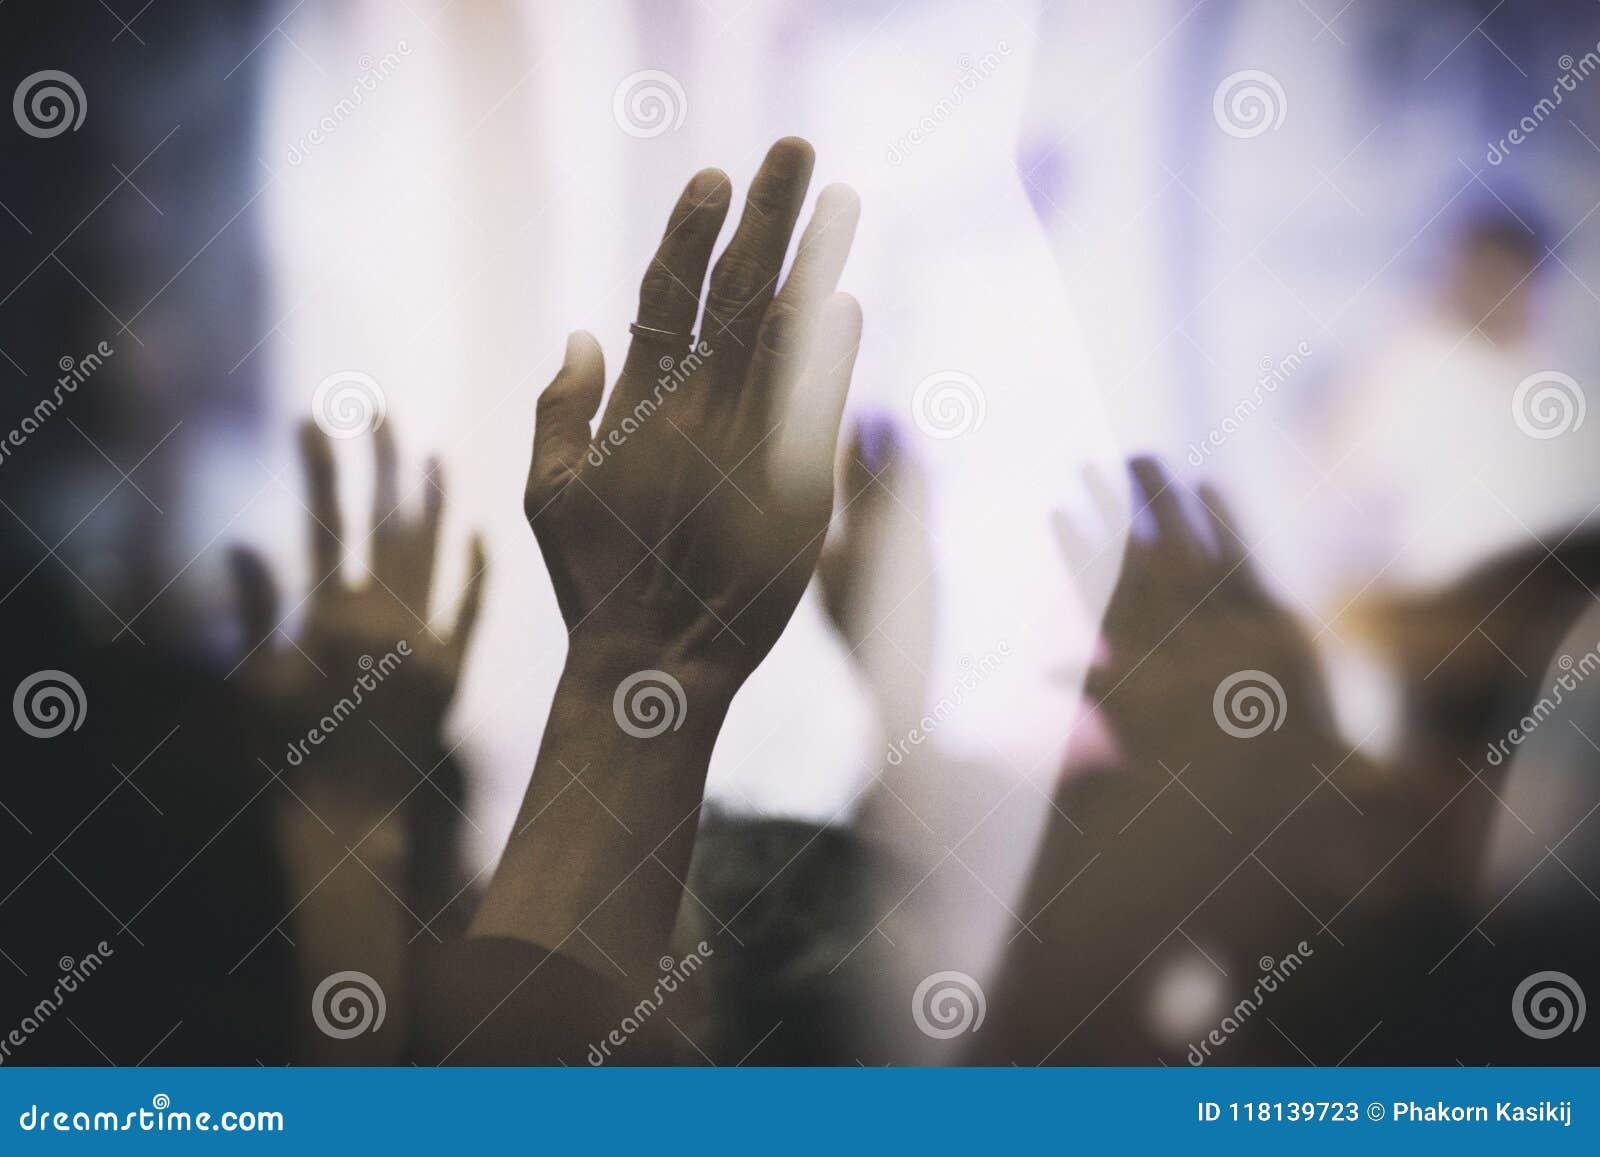 Христианское поклонение с поднятой рукой радостной в славе и влюбленности